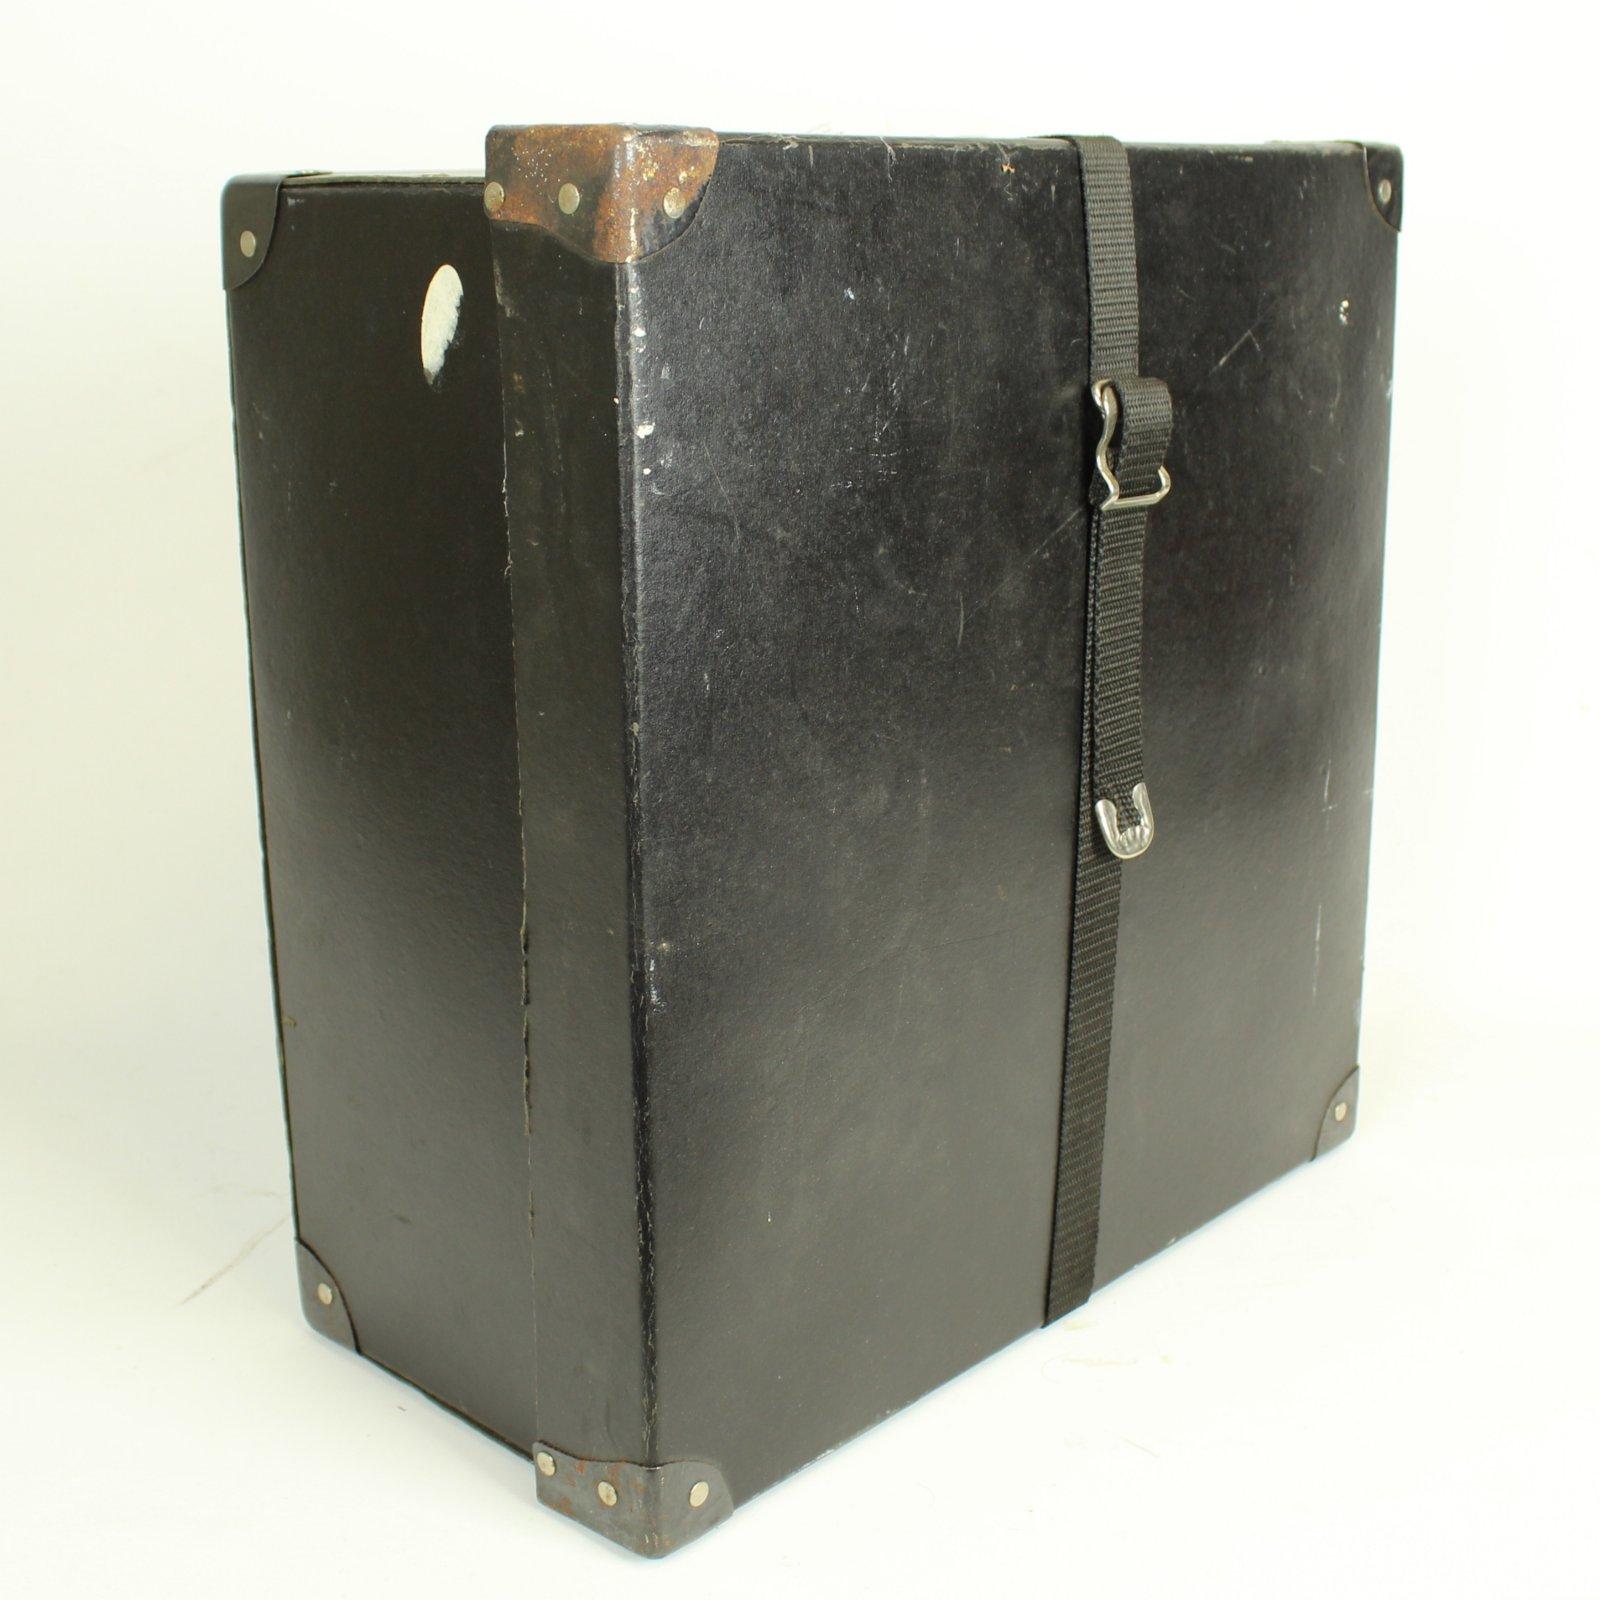 Vintage Snare Drum Case, Hard Fiber